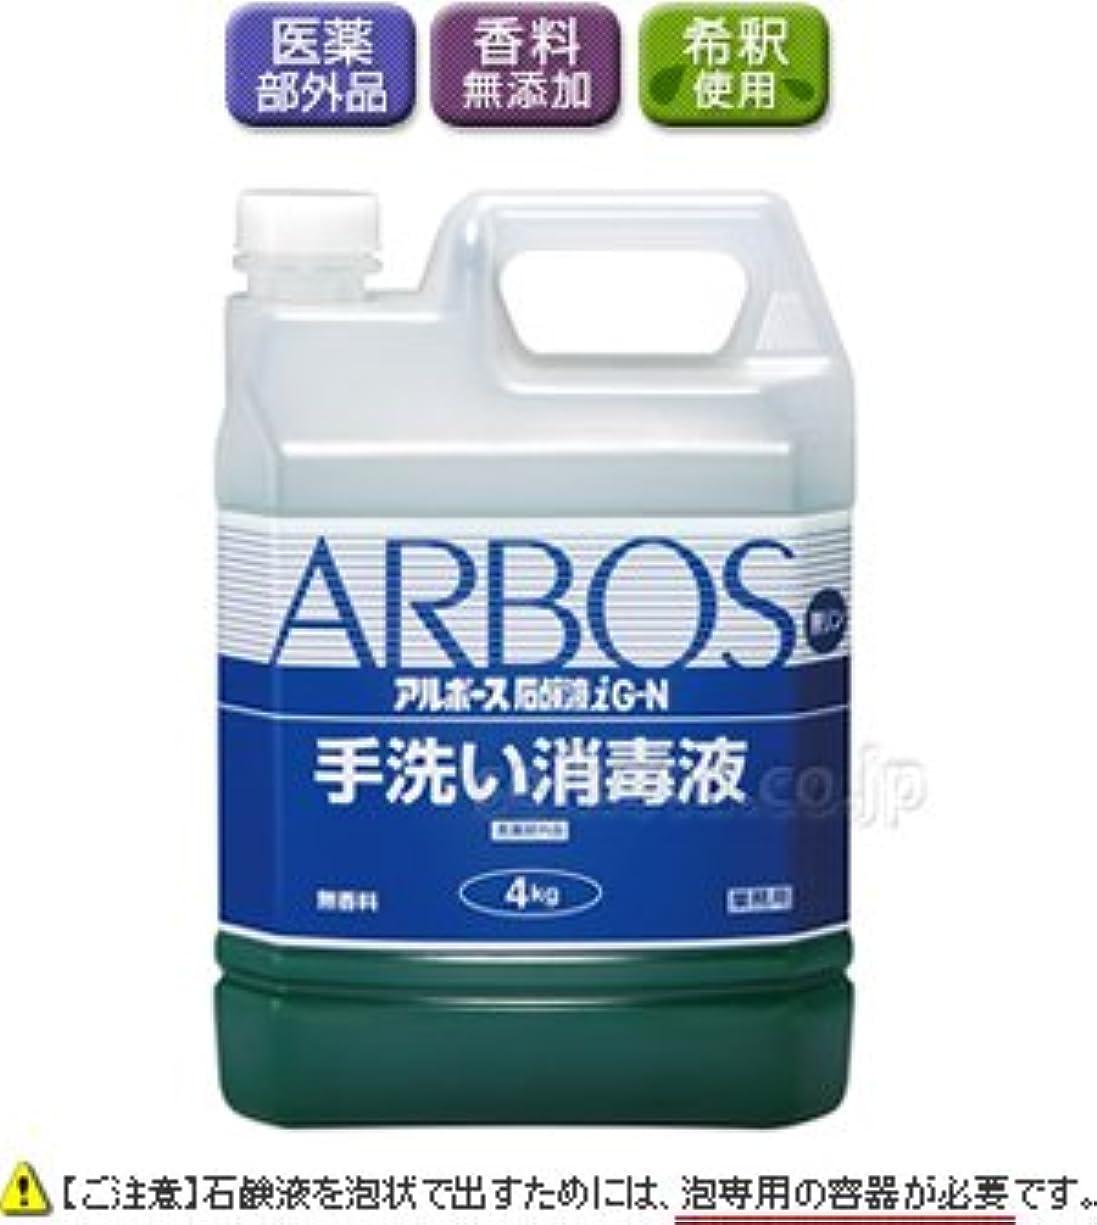 次へ中傷宗教【清潔キレイ館】アルボース石鹸液iG-N お得な4kg×4本セット